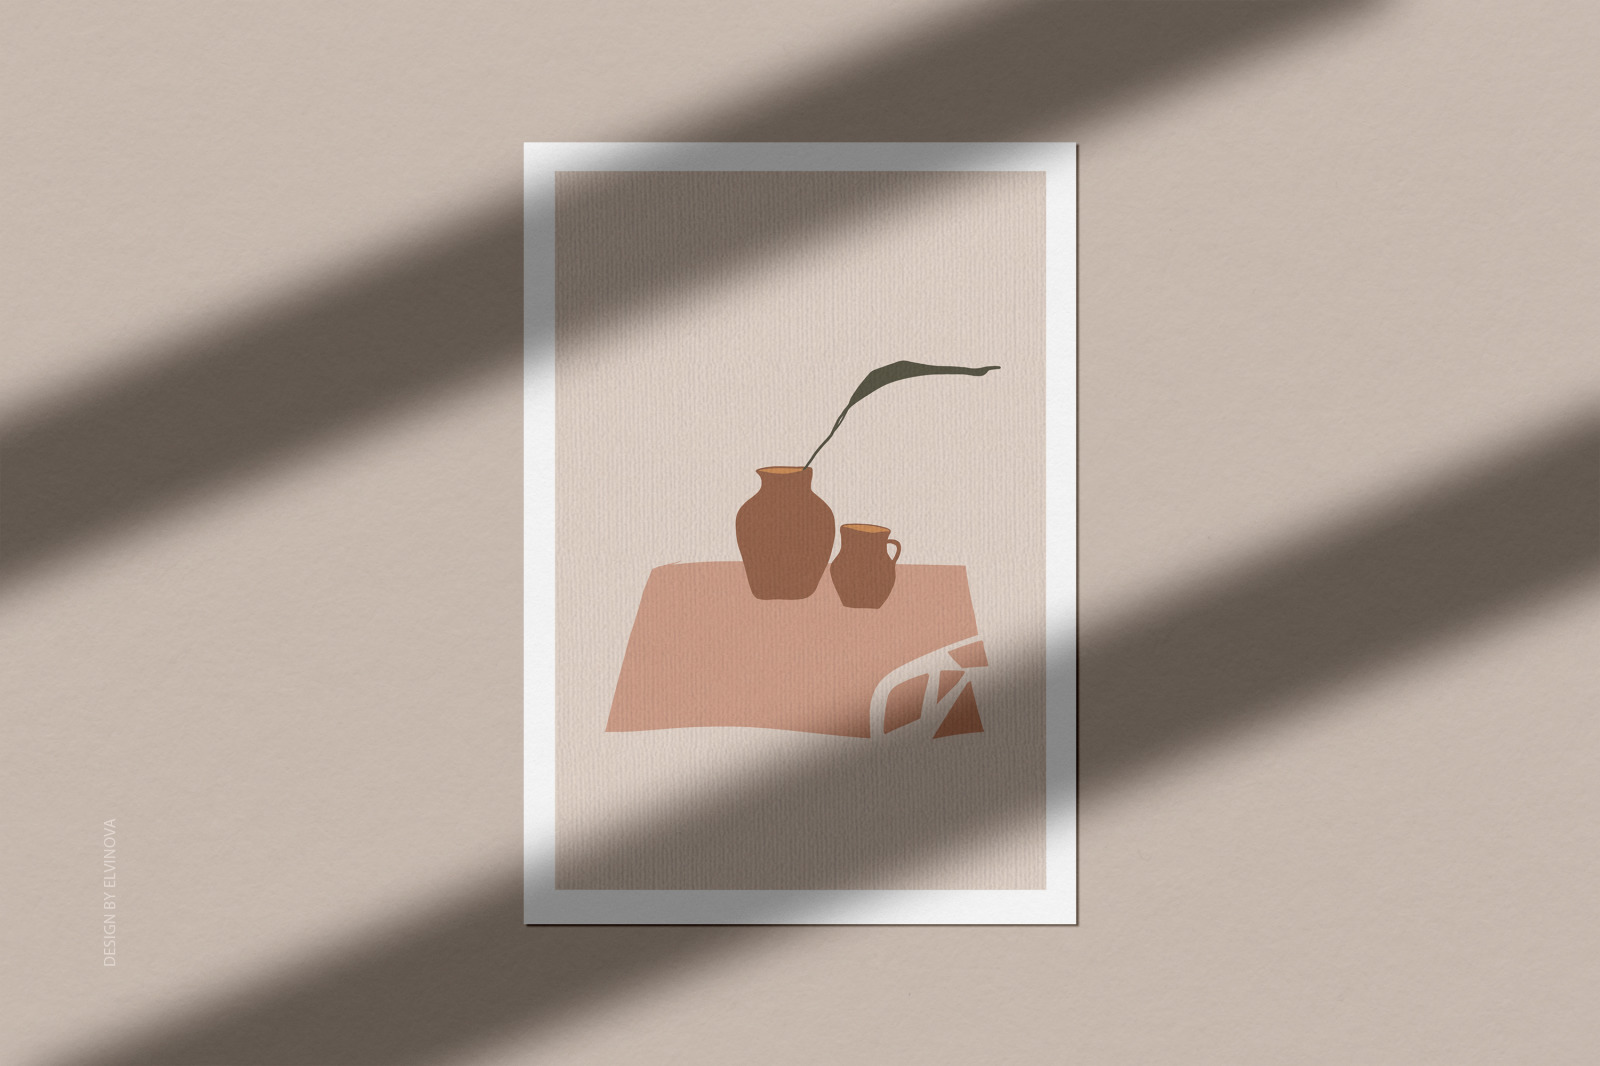 Lula Abstract Nude Prints